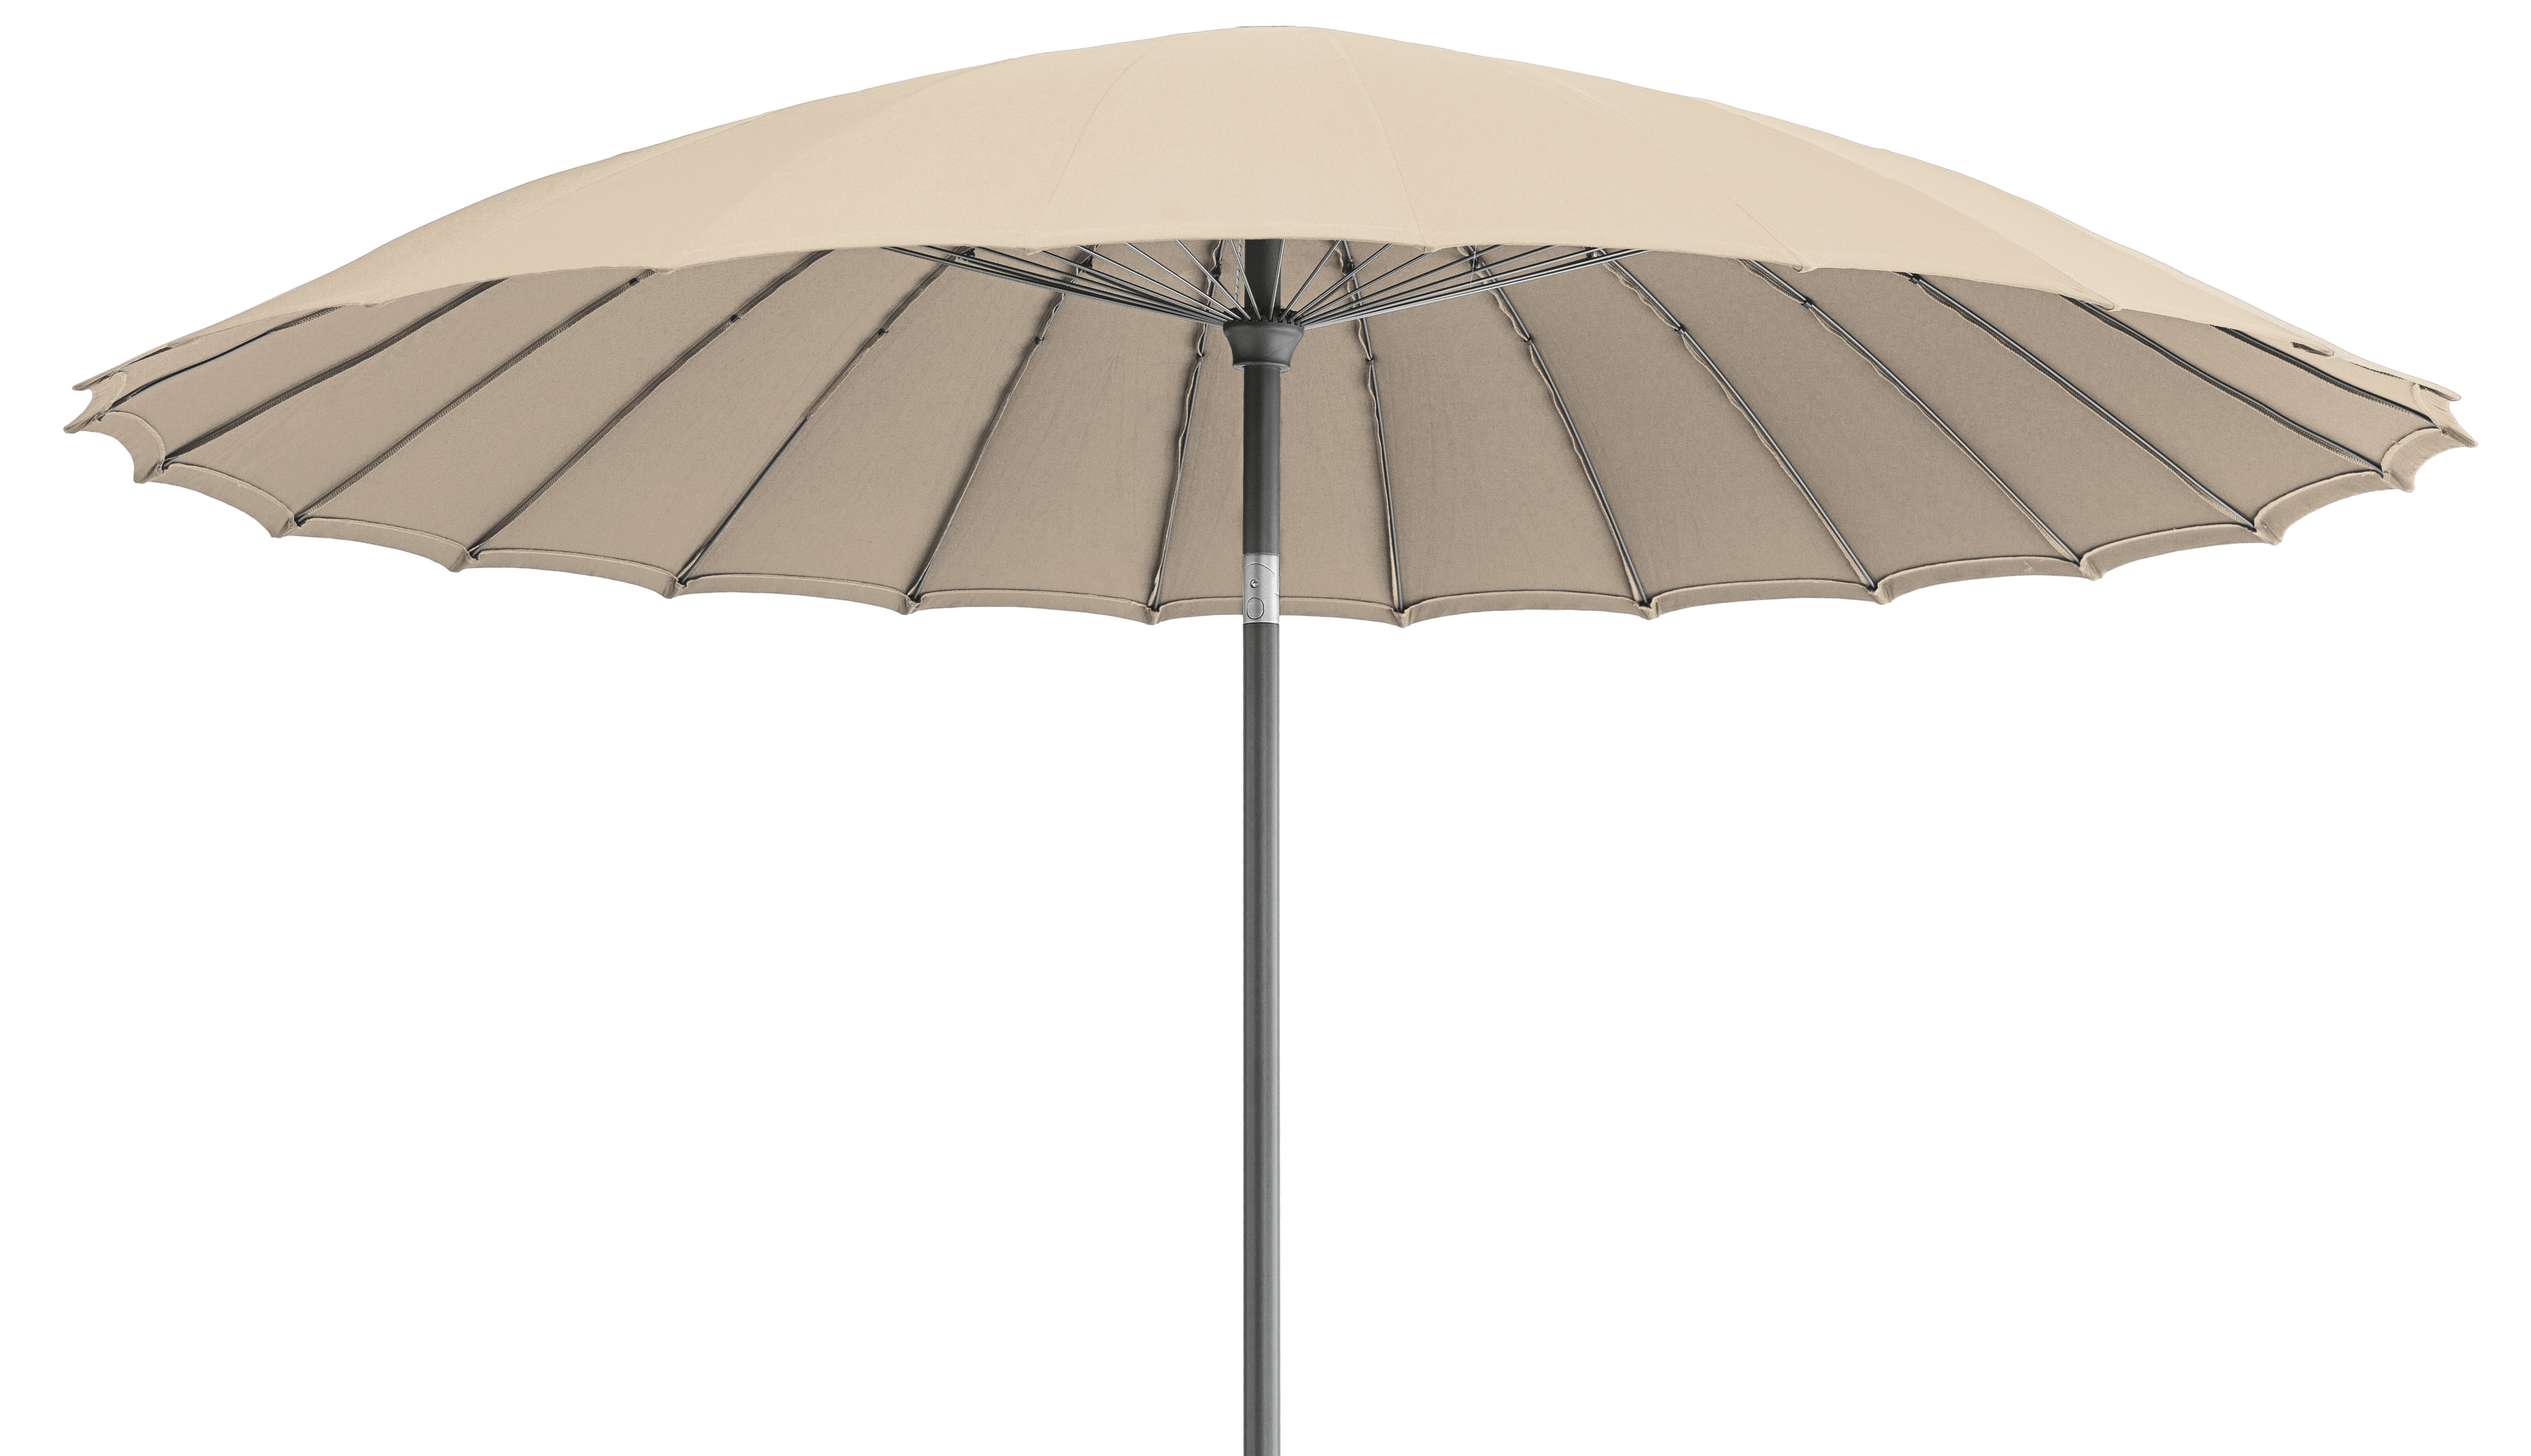 Shanghai parasol 250 cm 250 cm antique beige by vlaemynck - Vlaemynck parasol ...